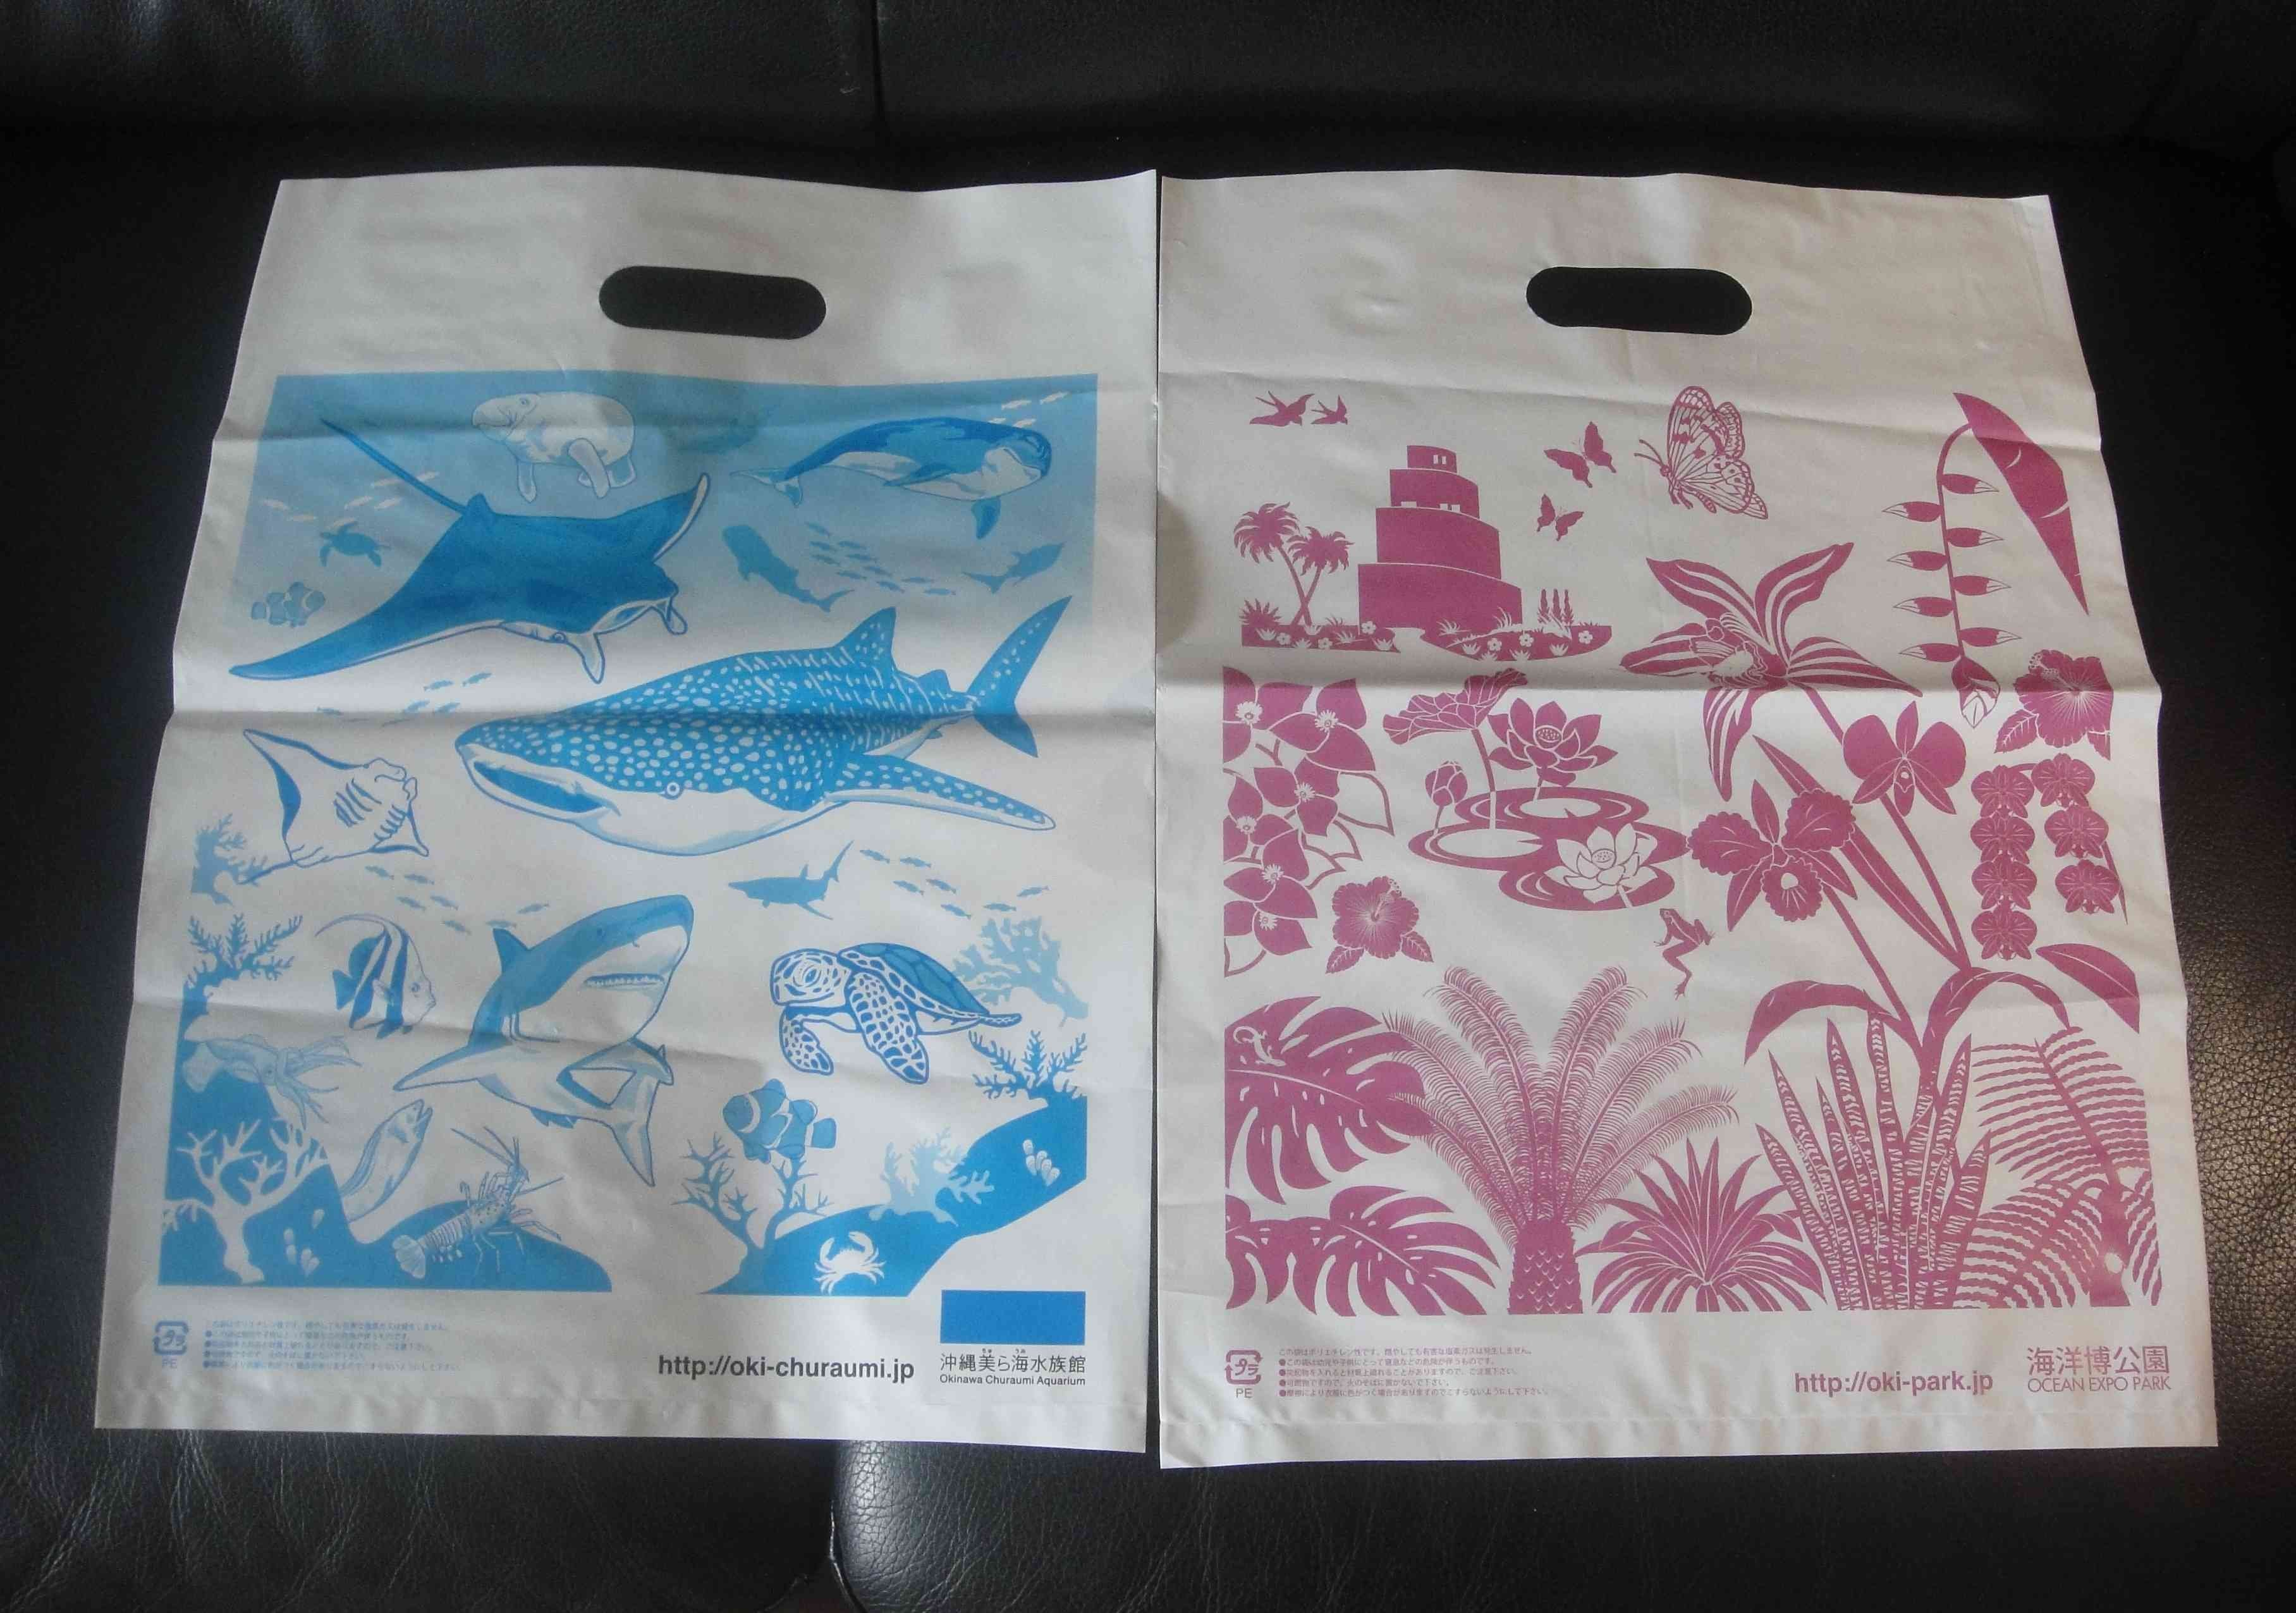 日本沖繩美麗海水族館包裝手提塑膠袋/禮物袋/包裝袋/手提袋~雙面